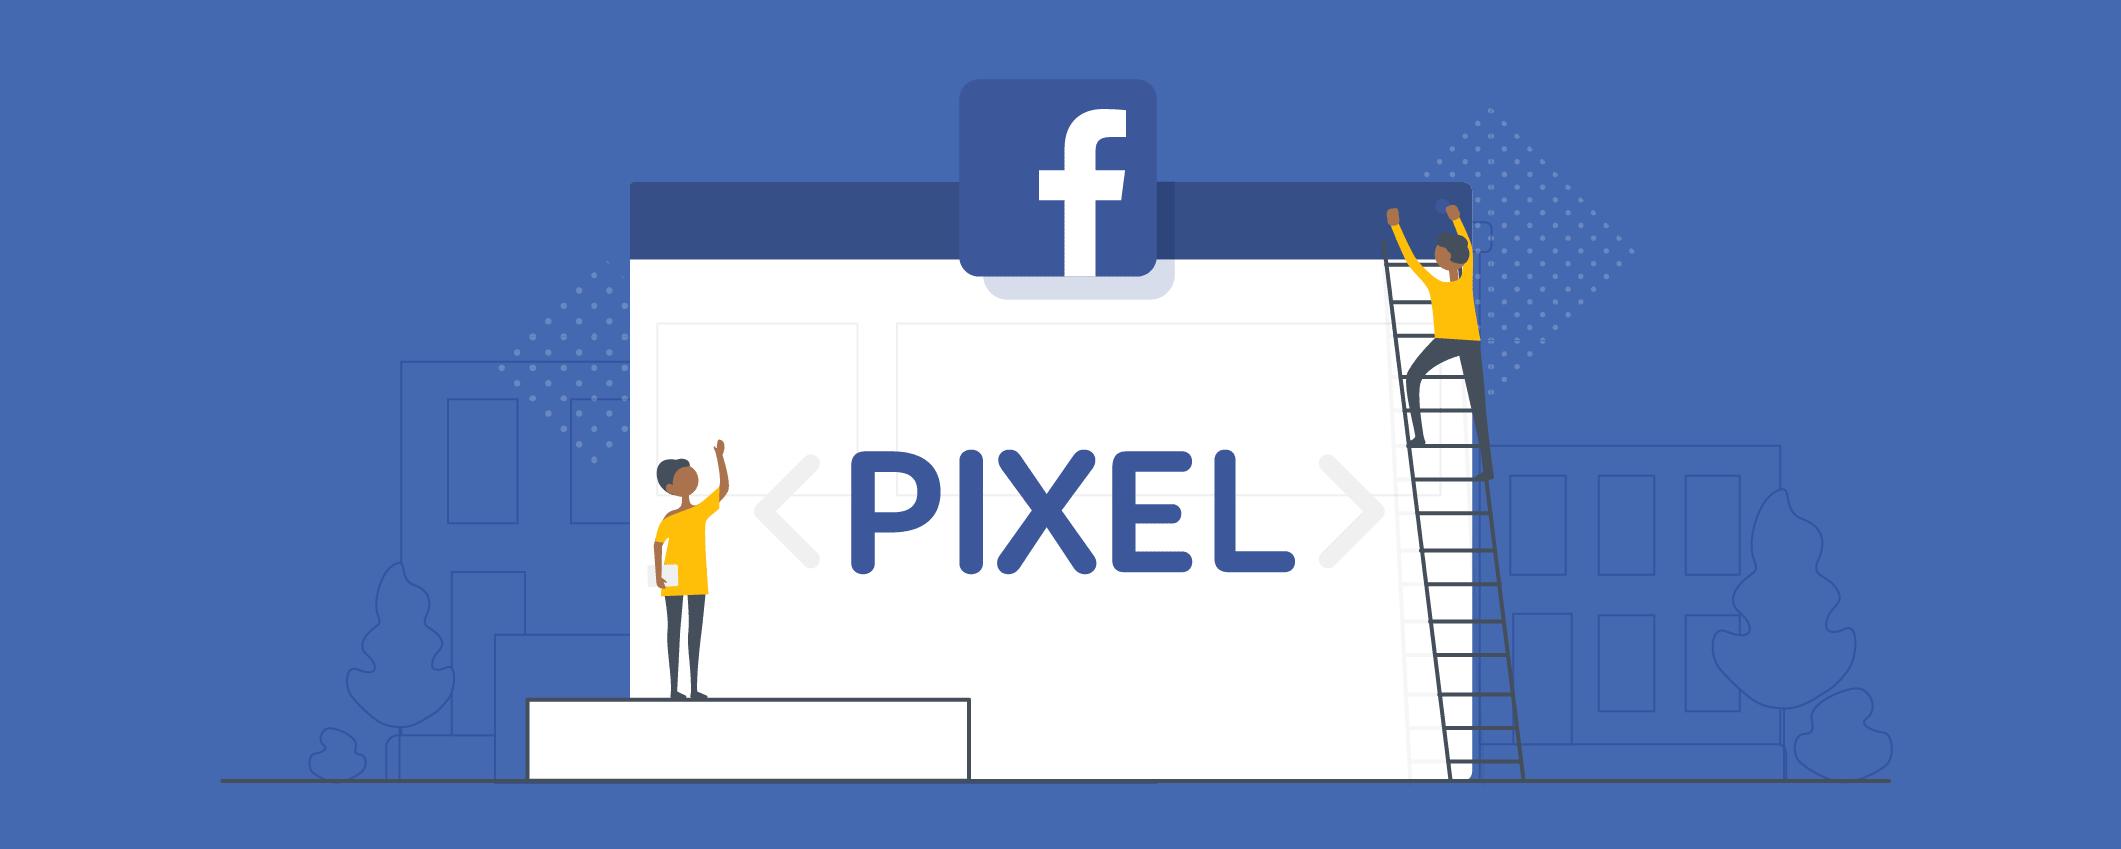 Facebook Pixel to Your WordPress Site